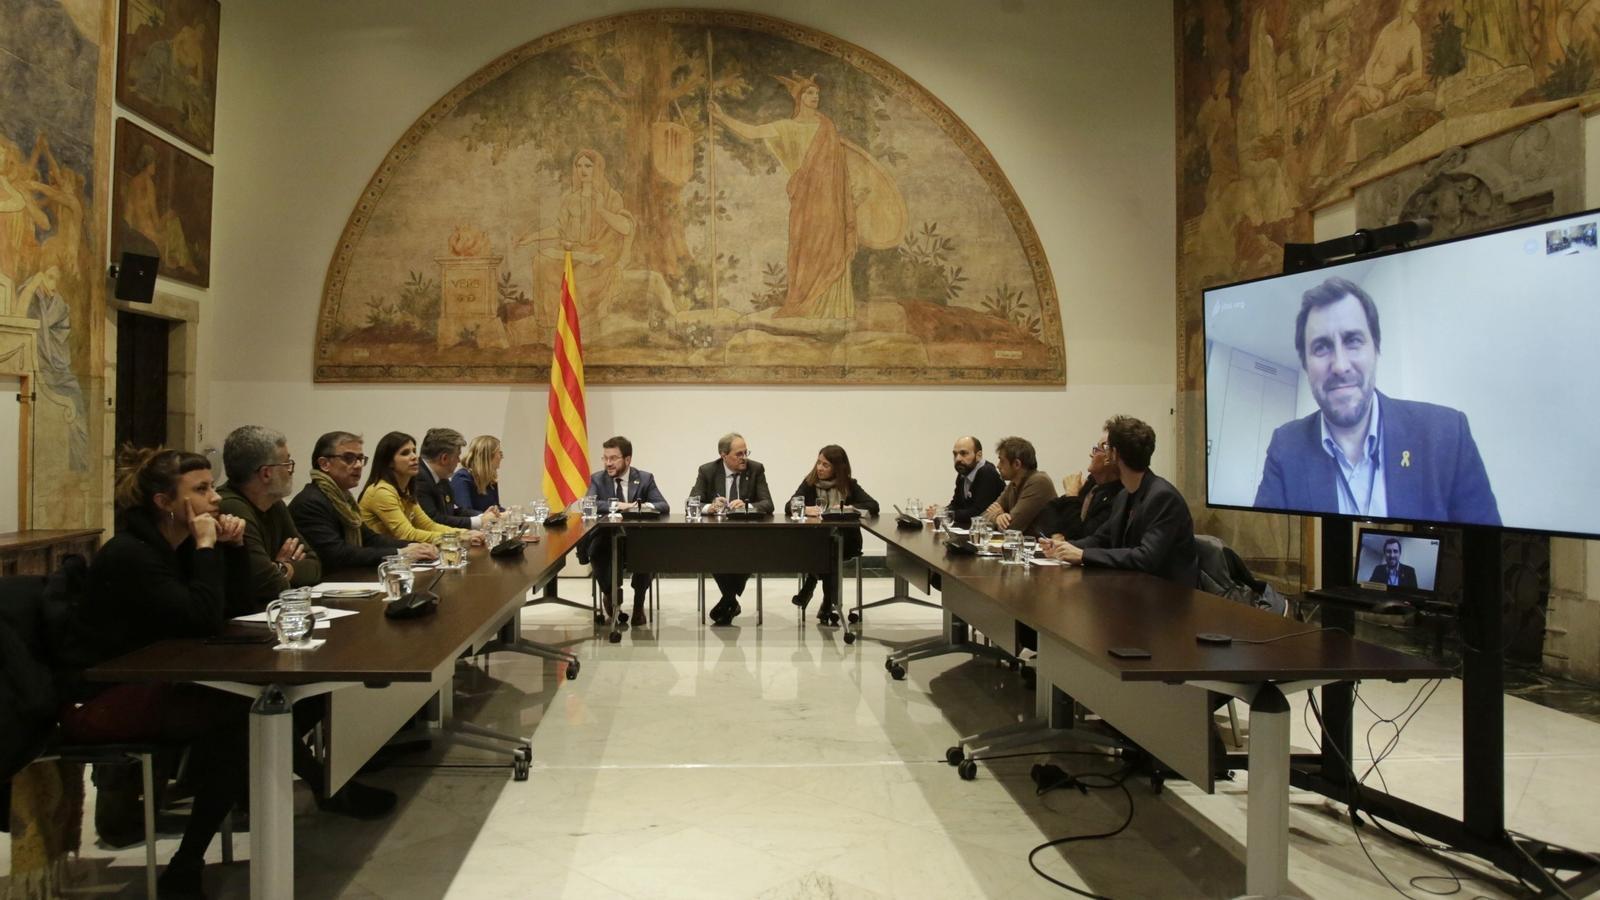 Les entitats declinen participar en la delegació catalana de la taula de diàleg amb l'Estat